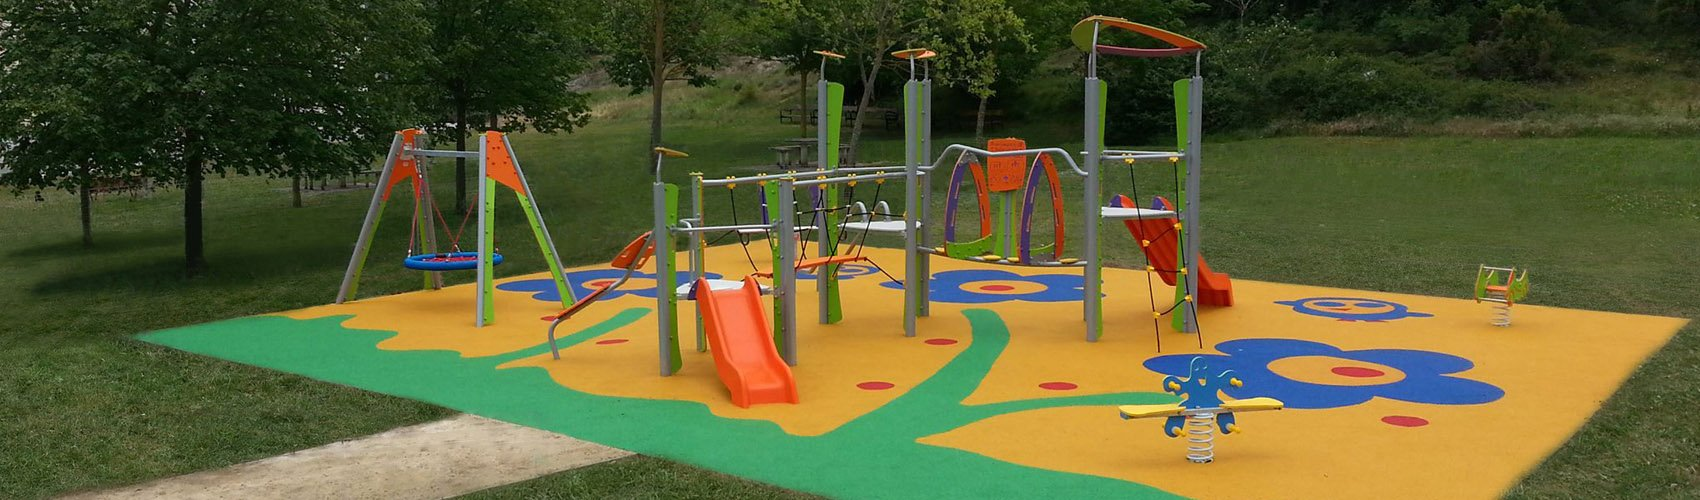 mantenimiento de parques infantiles